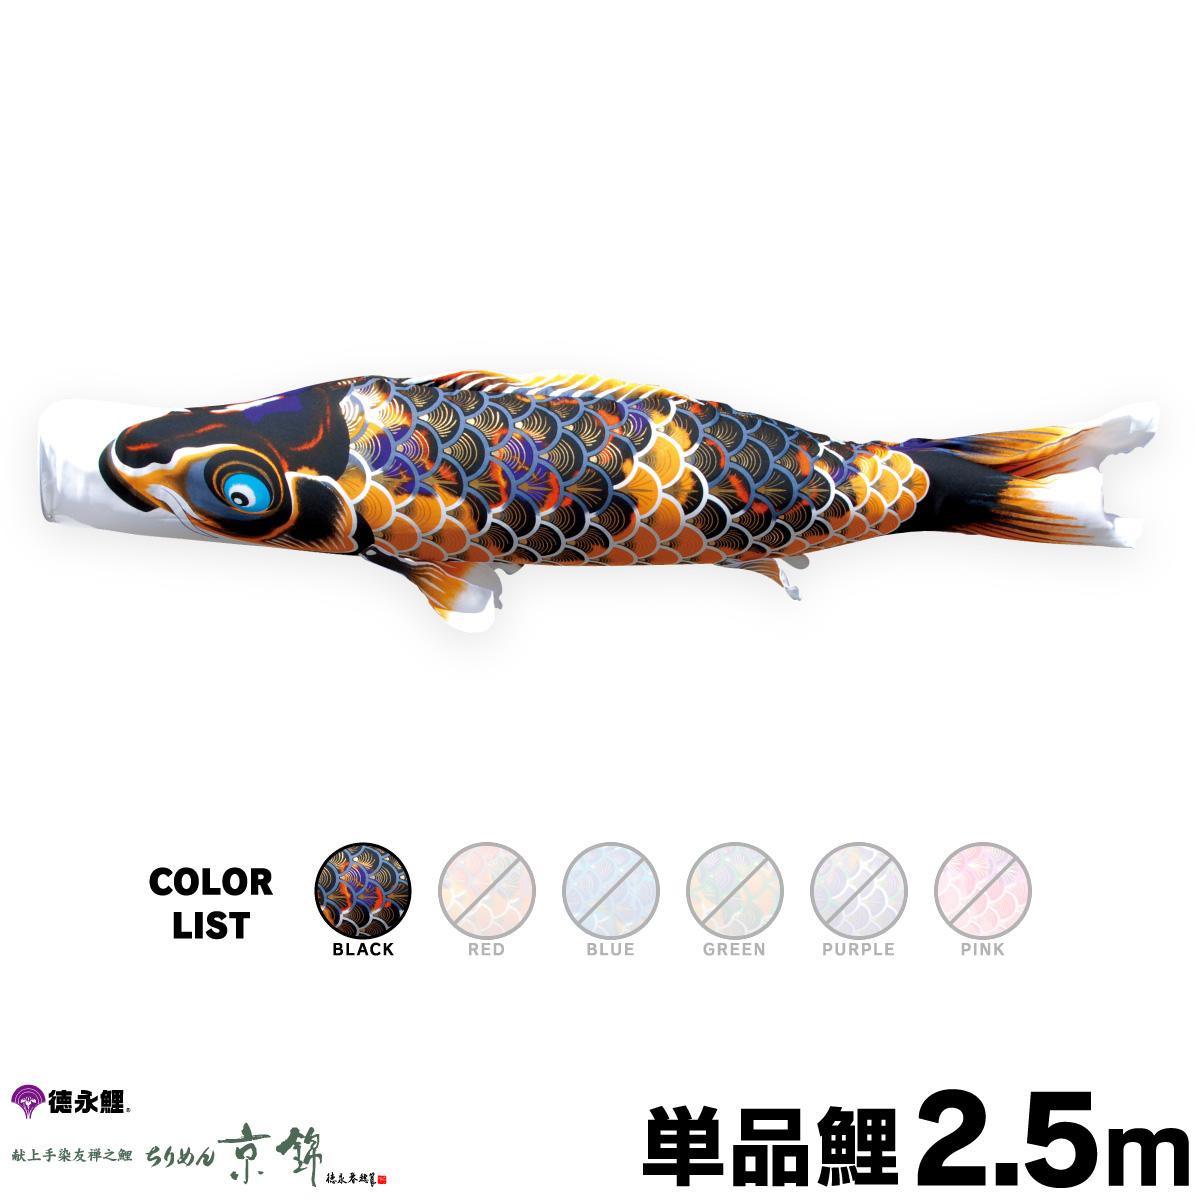 【こいのぼり 単品】 ちりめん京錦 2.5m 単品鯉 黒